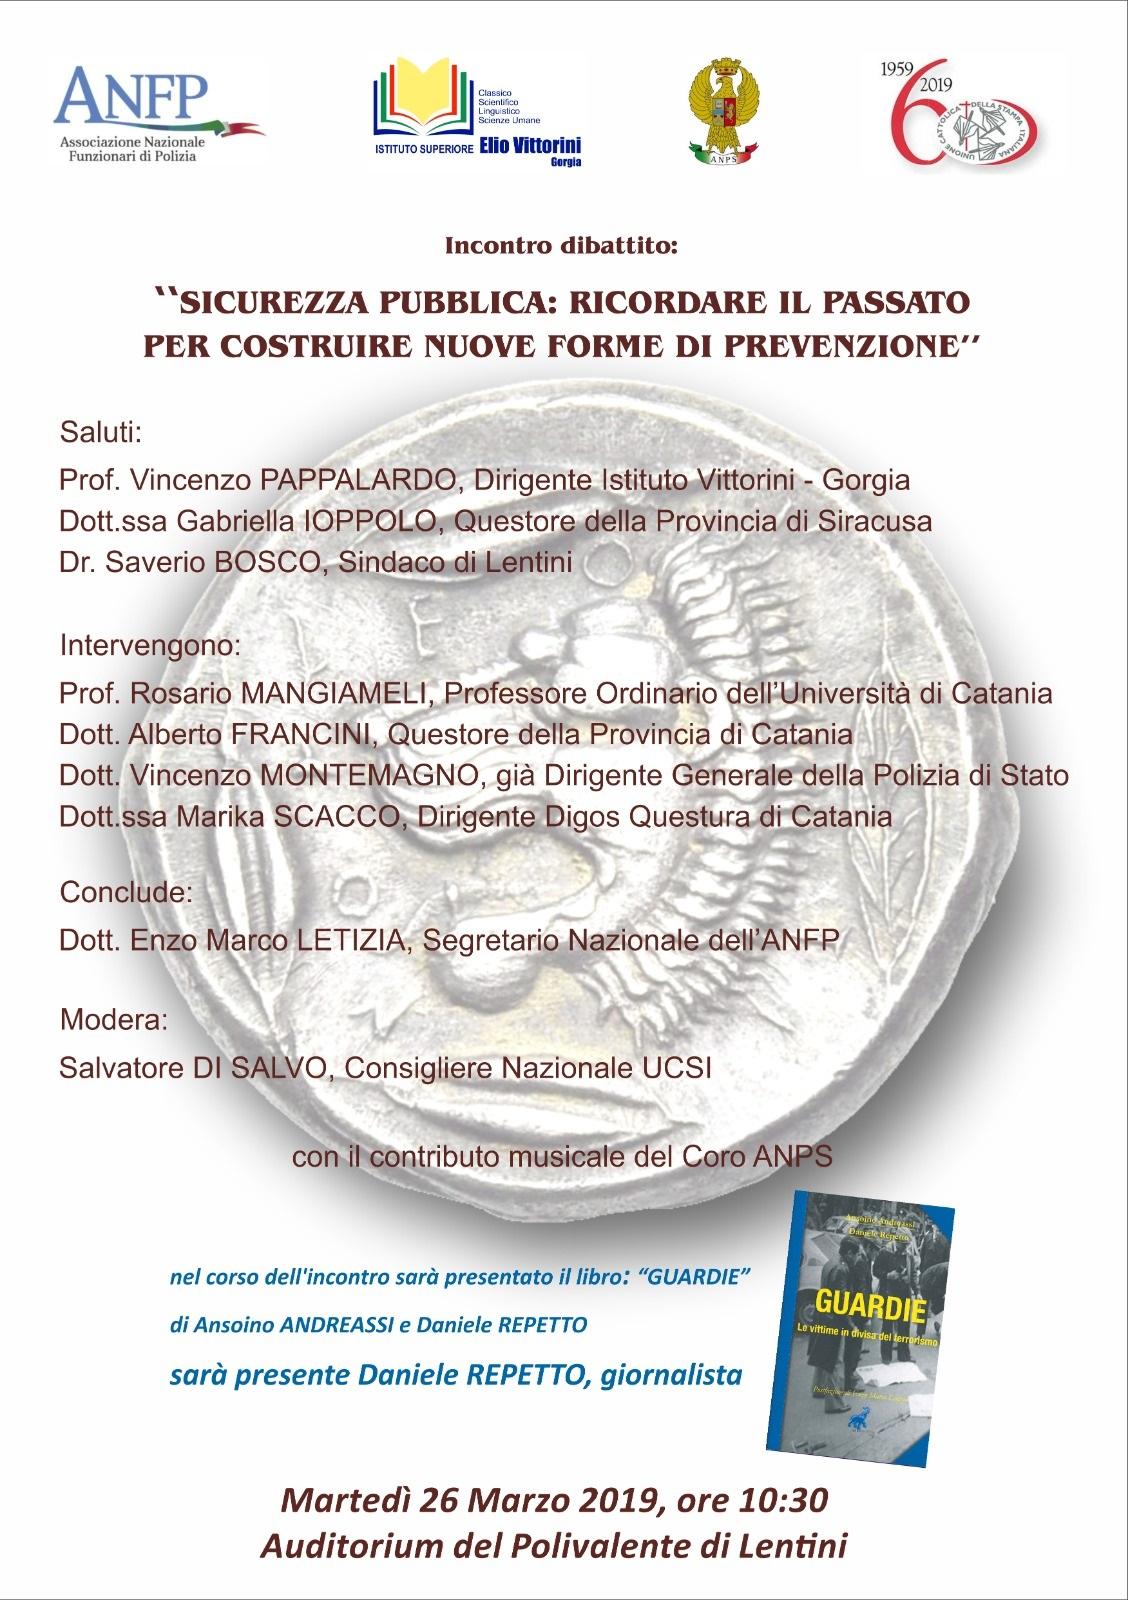 LENTINI 26 MARZO 2019 INCONTRO DIBATTITO: SICUREZZA PUBBLICA PER COSTRUIRE NUOVE FORME DI PREVENZIONE